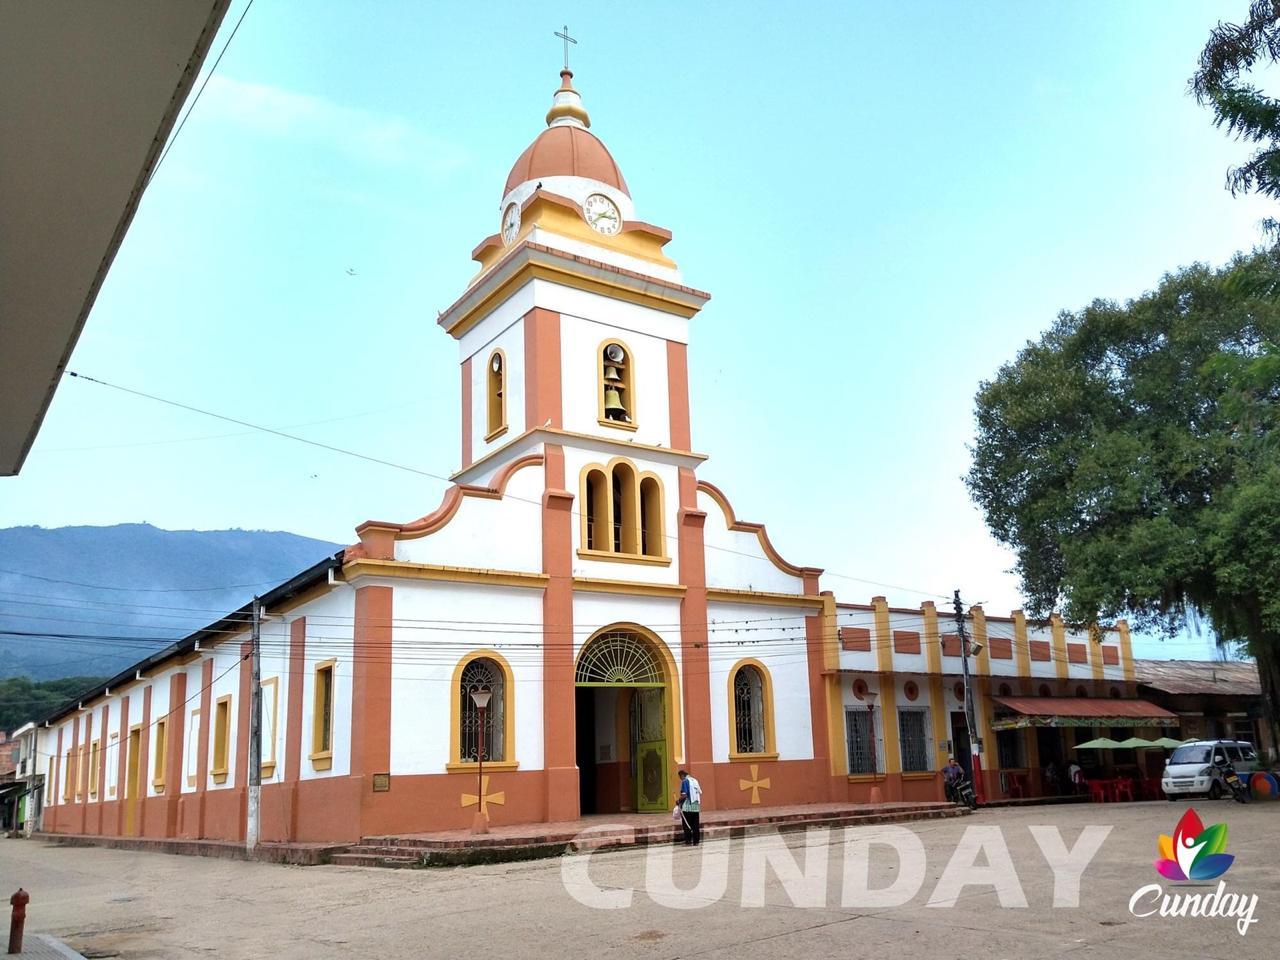 ALCALDE ANTERIOR DE CUNDAY EN LÍOS JURÍDICOS Y DISCIPLINARIOS. 1